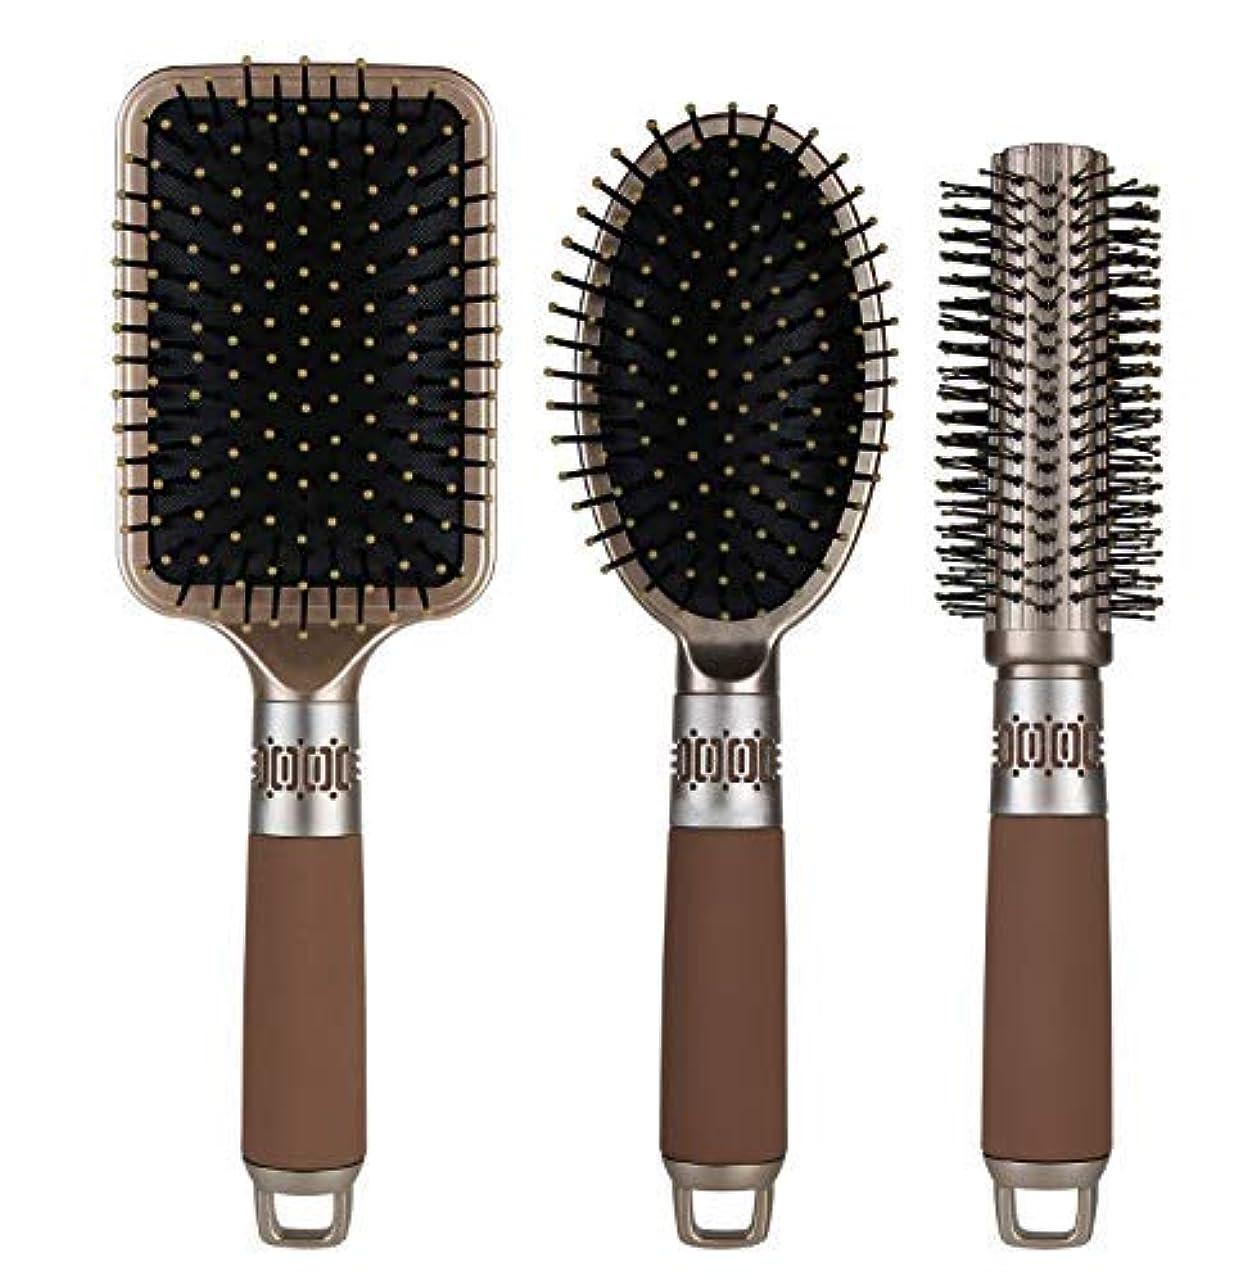 増幅するカスタムNVTED 3PCS Hair Combs, Massage Paddle Round Brush Hair Brushes Set Anti Static Detangling Air Cushion Bristle...